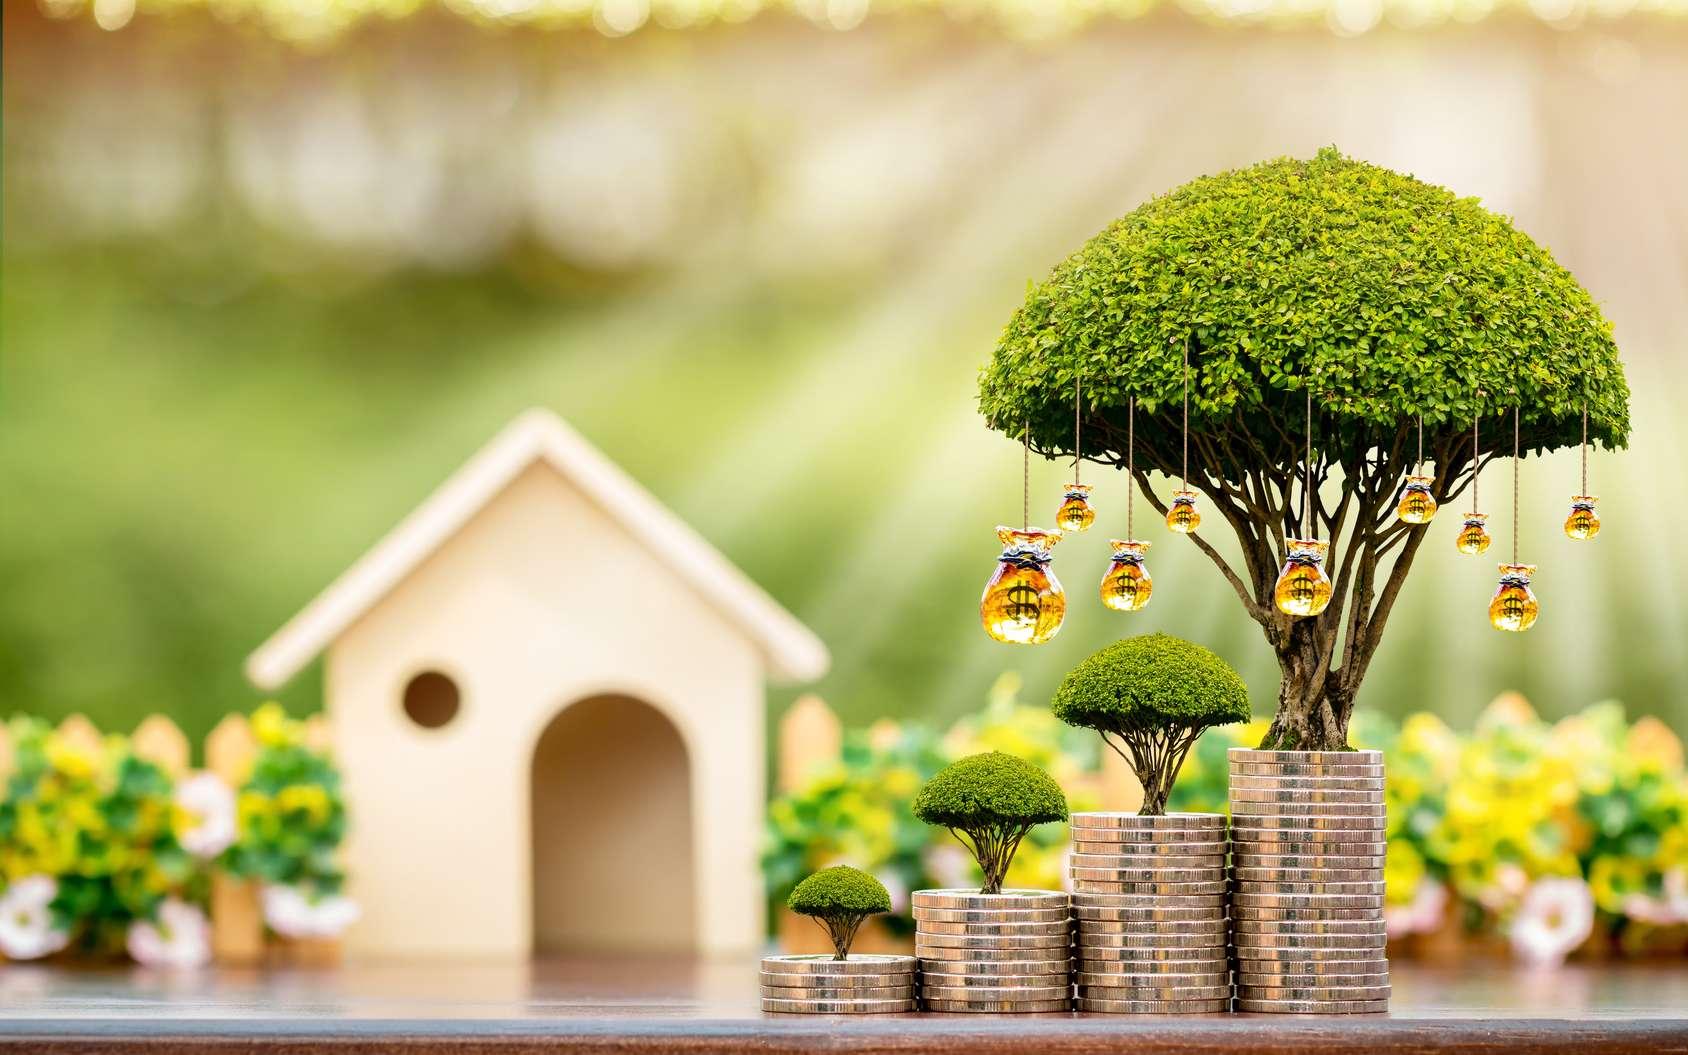 La finance responsable vise à concilier rentabilité financière et impact environnemental, social ou sociétal.© Watchara, Fotolia